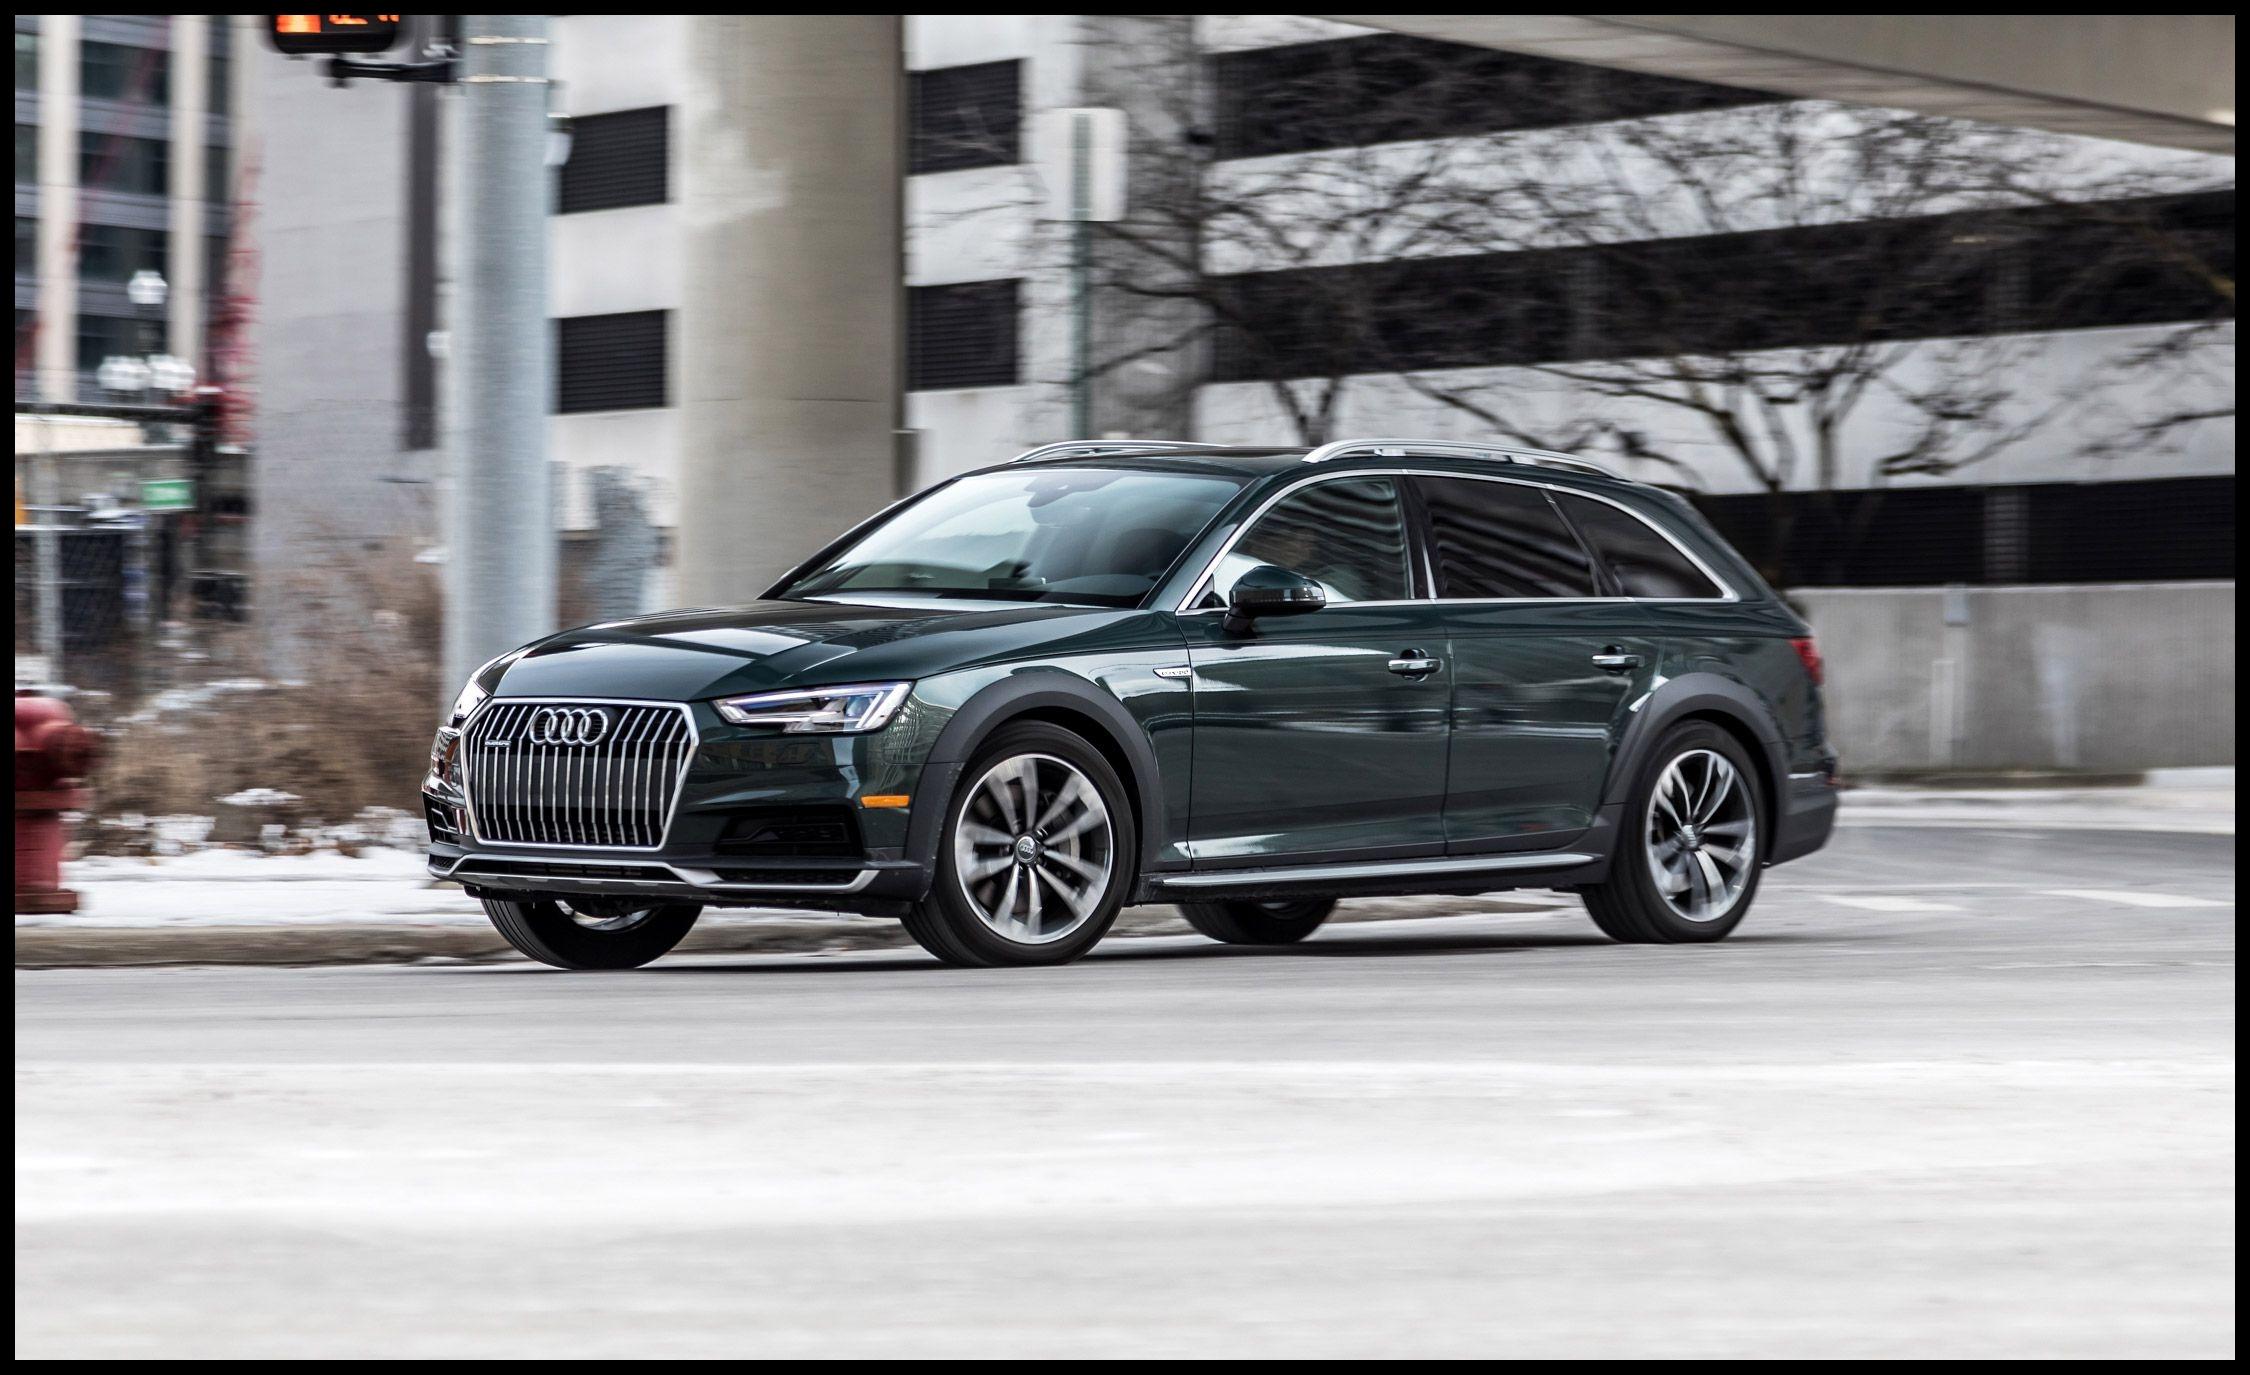 Audi A4 Allroad Quattro Reviews Audi A4 Allroad Quattro Price s and Specs